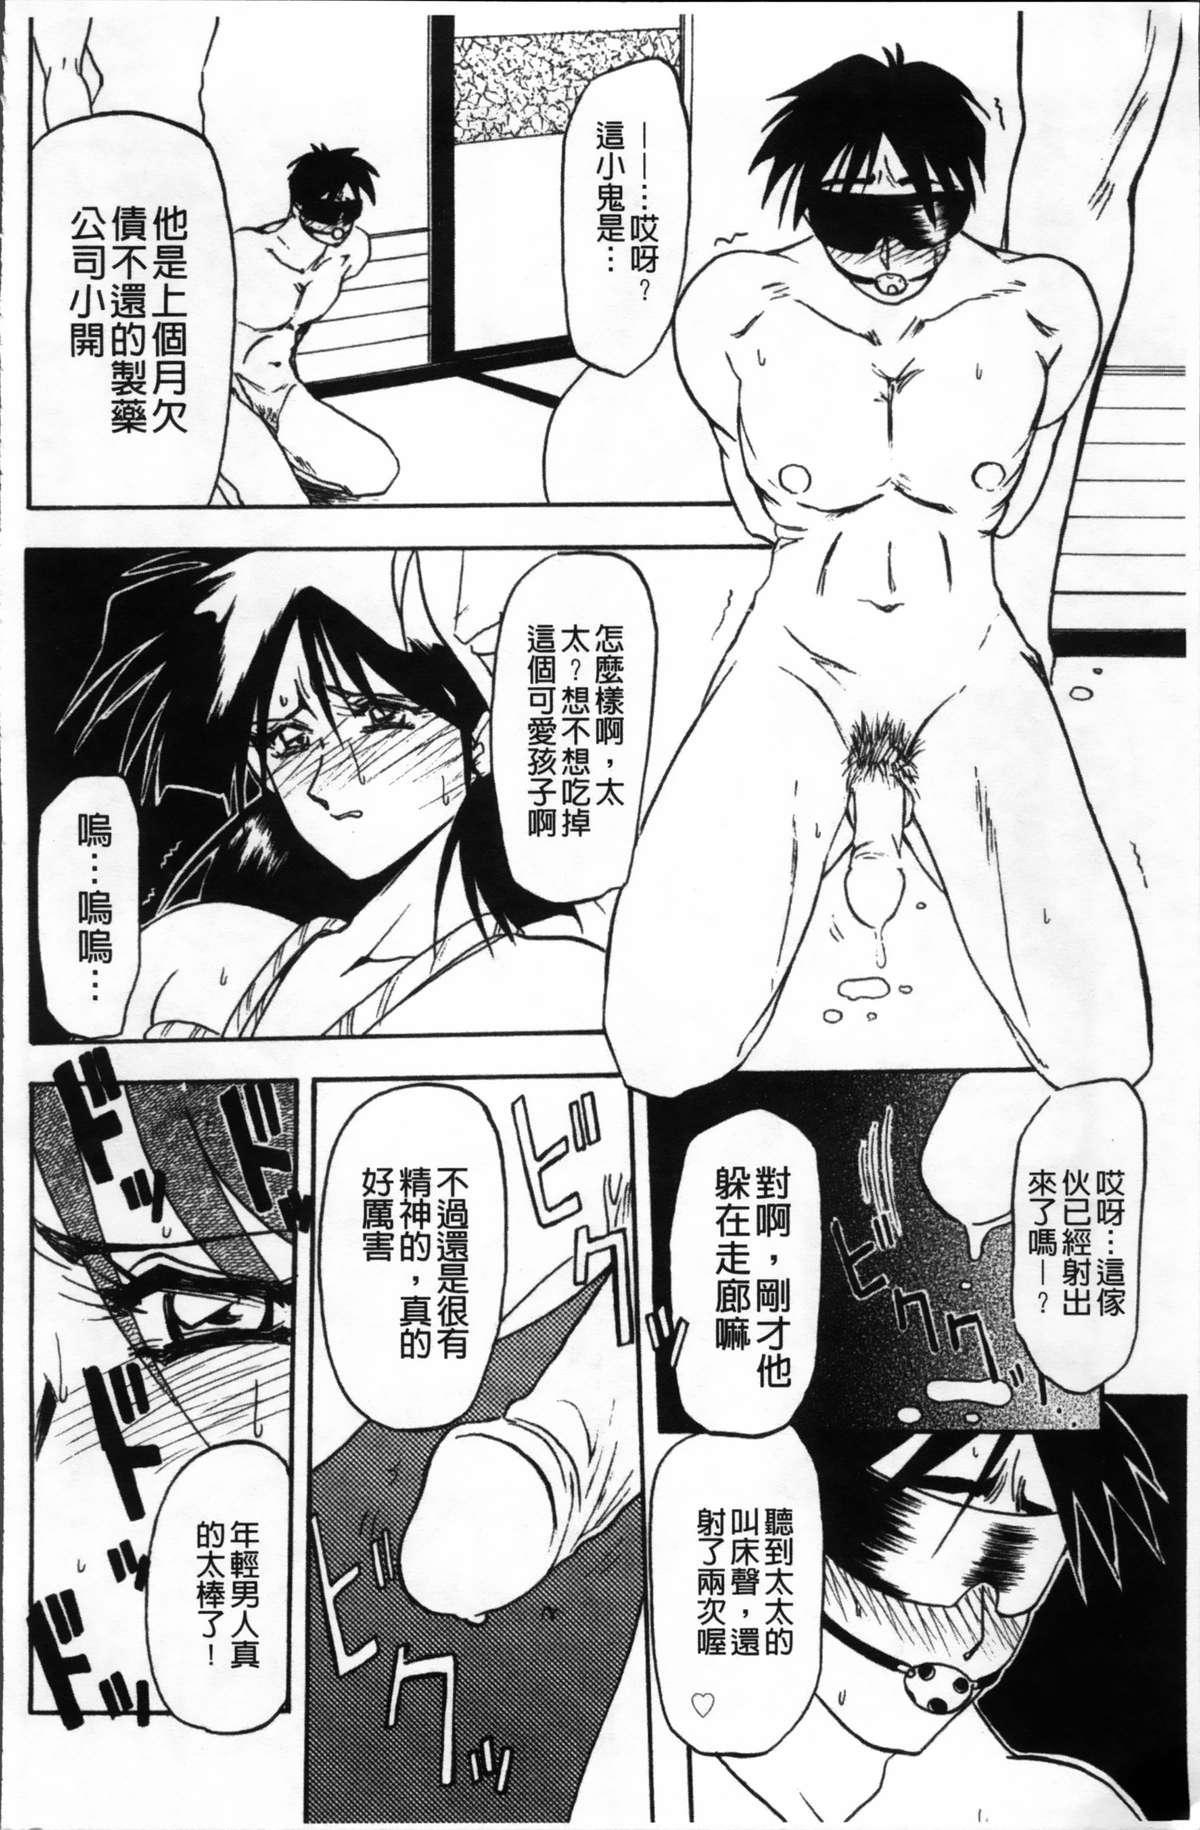 Hiiro no Koku Kanzenban   緋色之刻 完全版 147